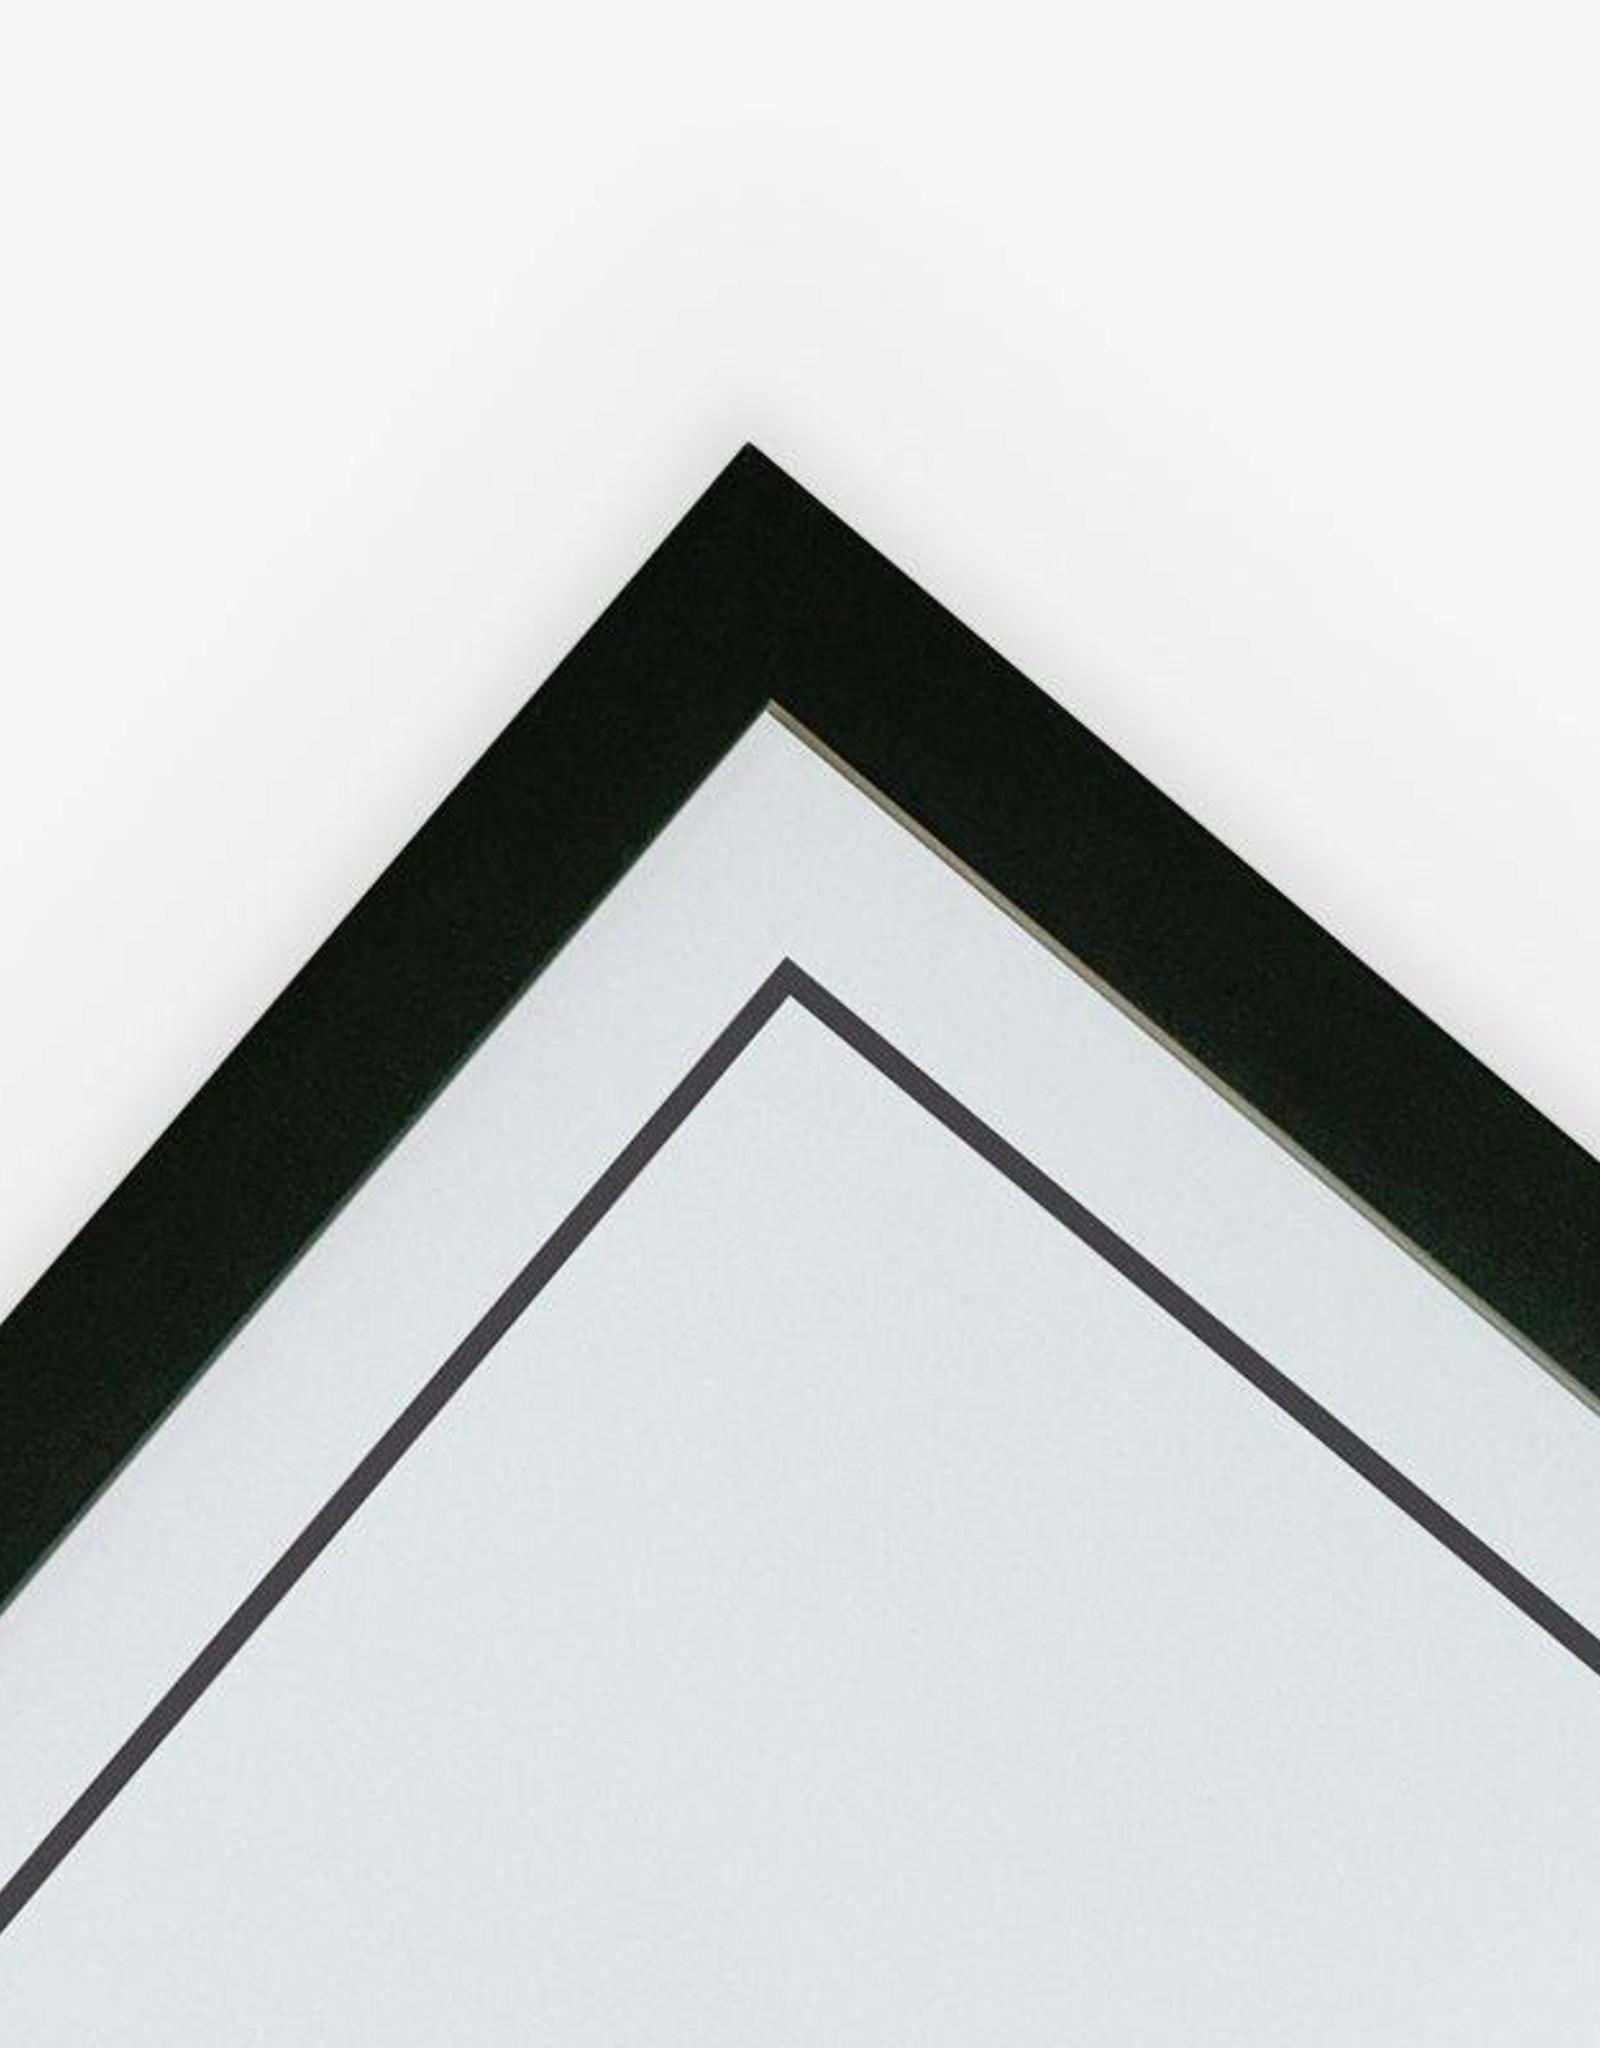 Wijck Wijck - Kader - 30x40 - Black frame